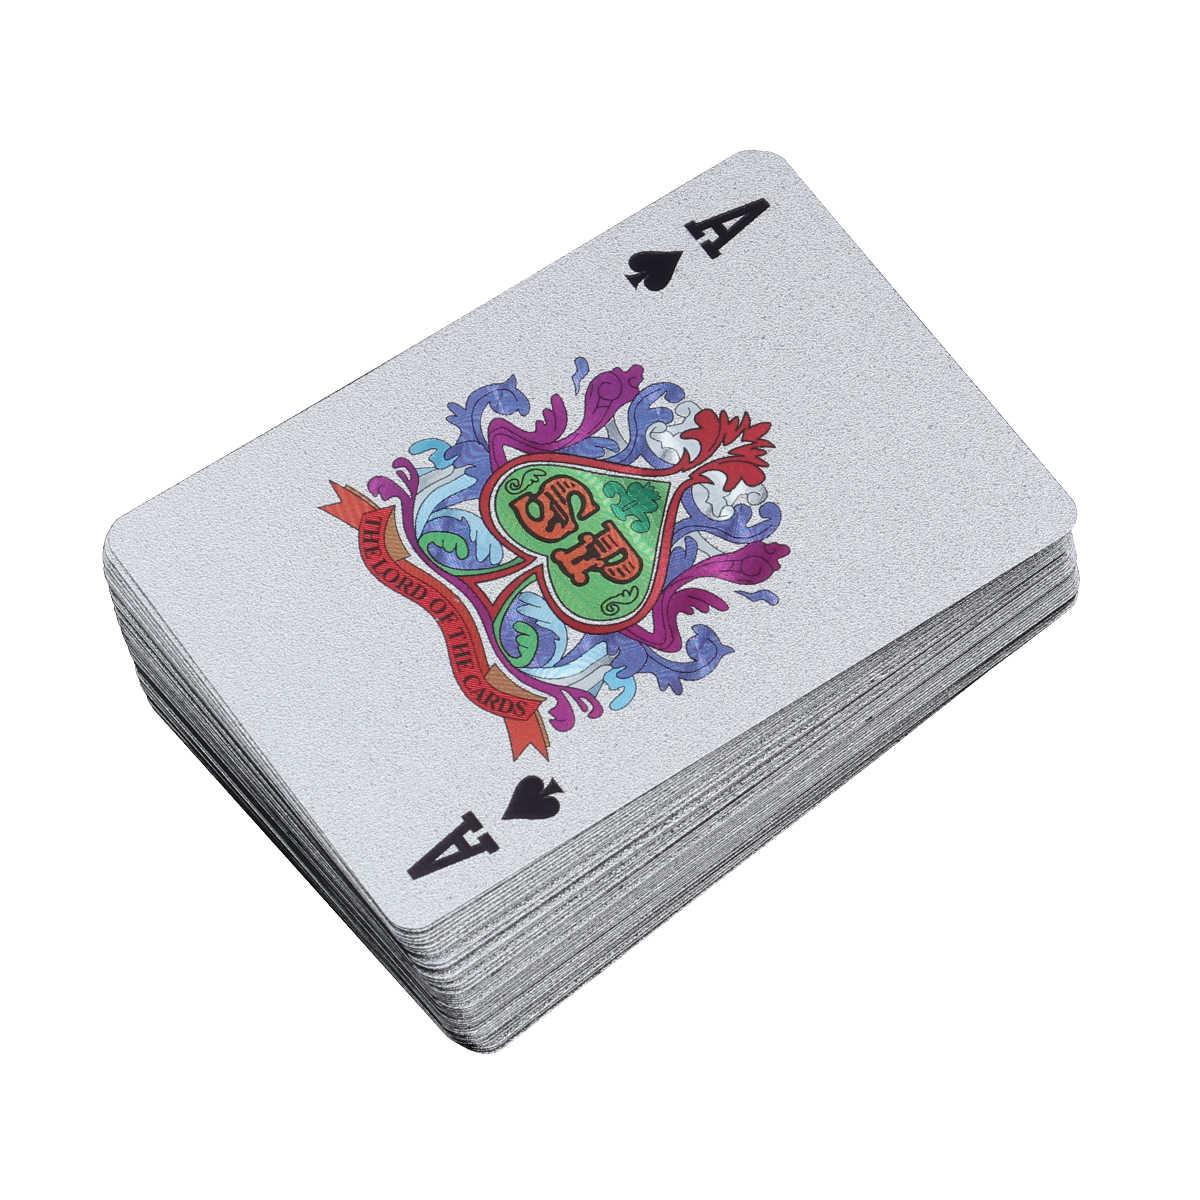 Позолоченные игральные карты из фольги, 100 доллар, покер, настольные игры, Джокер, колода (серебро)